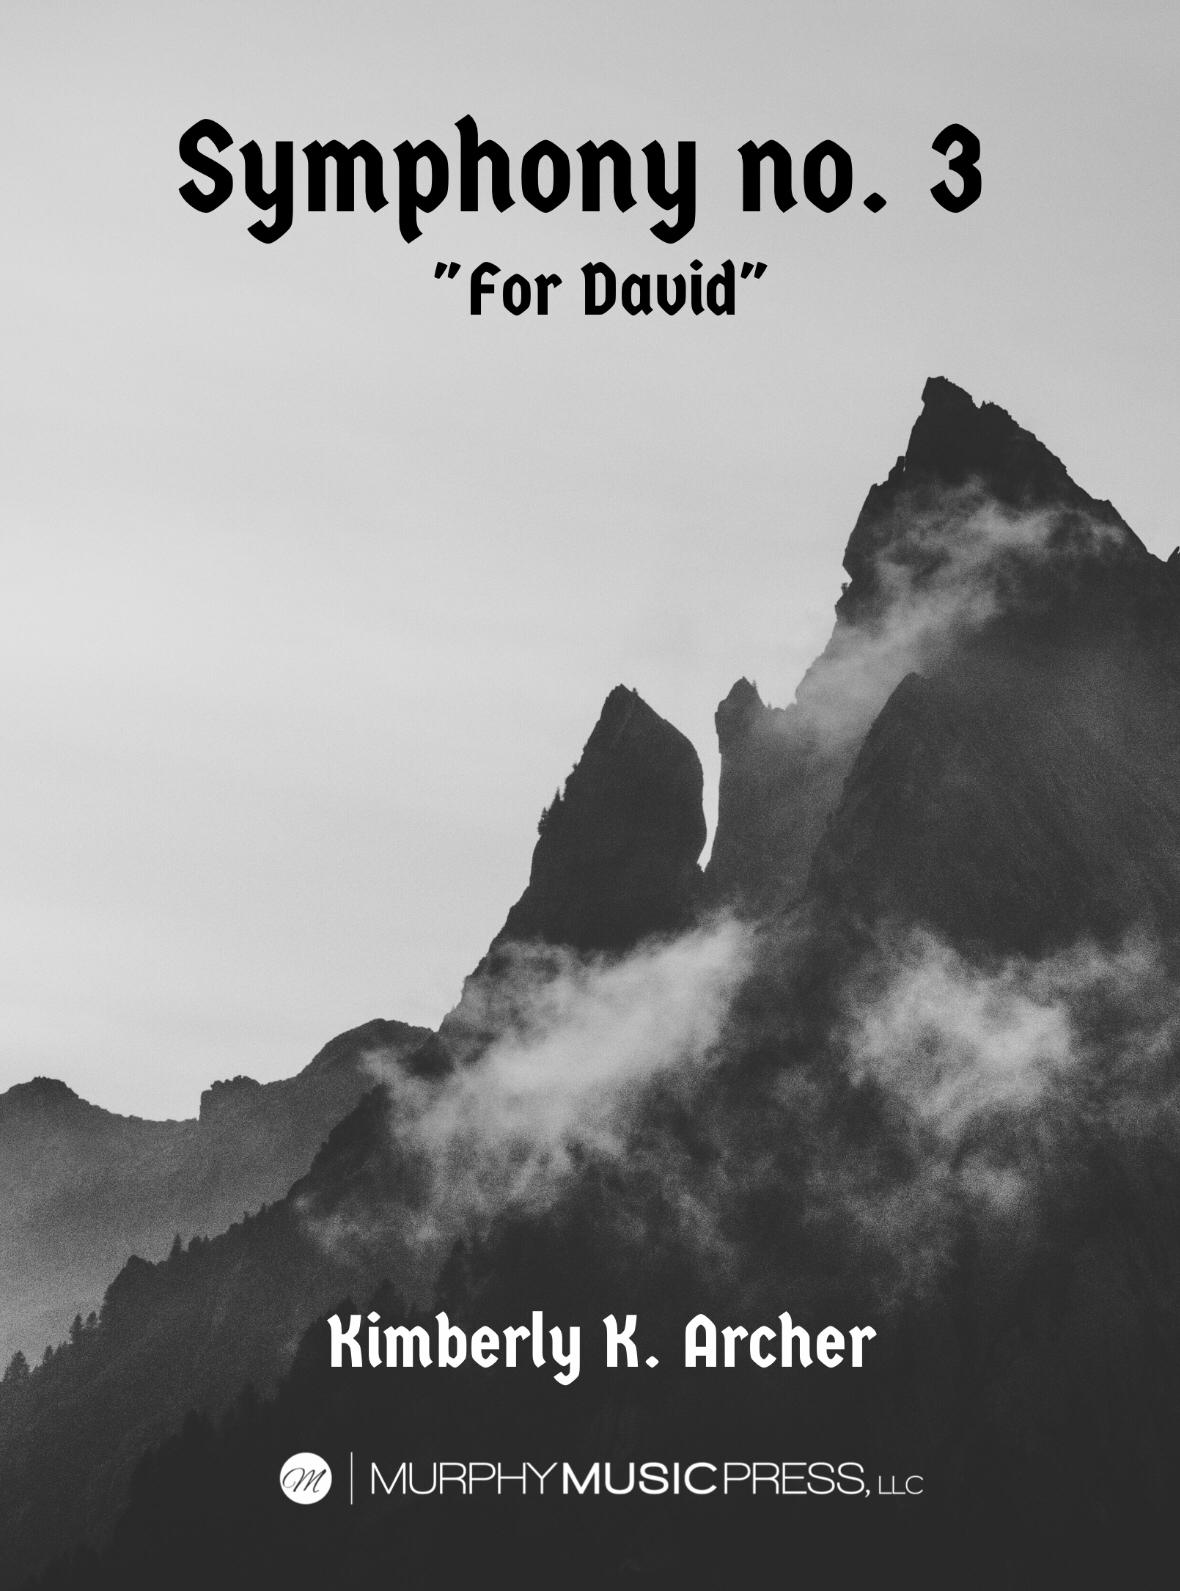 Symphony No. 3, For David by Kimberly Archer